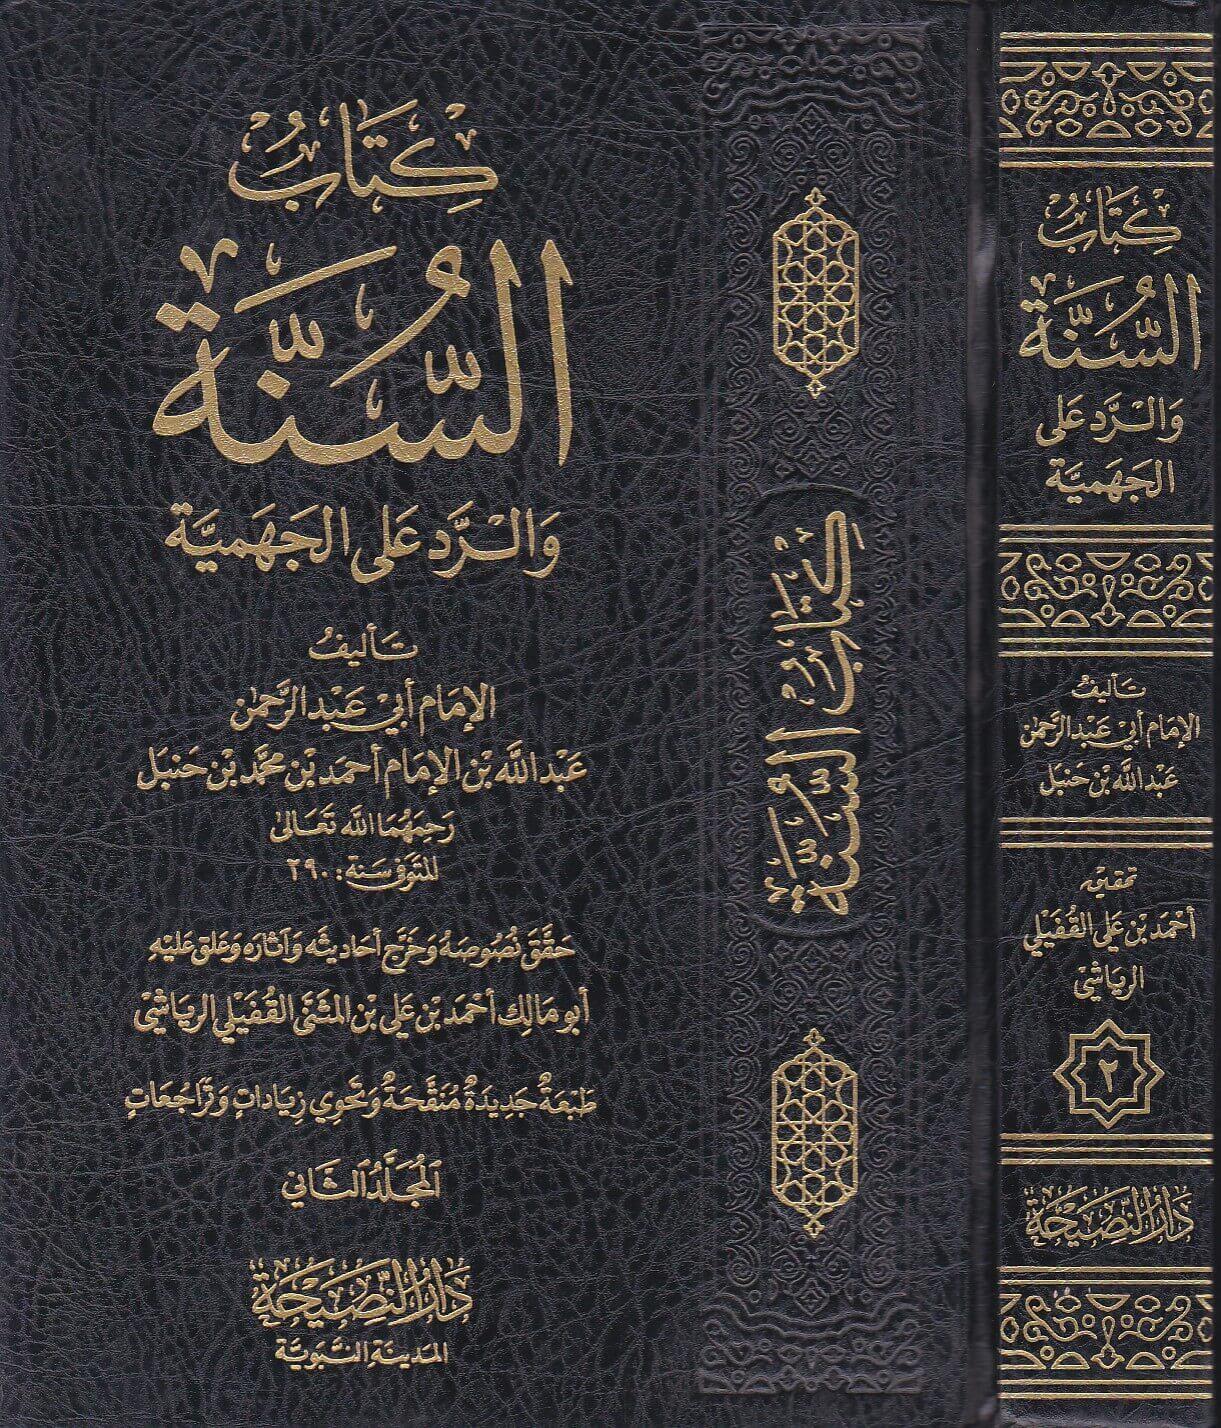 كتاب السنة لاحمد بن حنبل